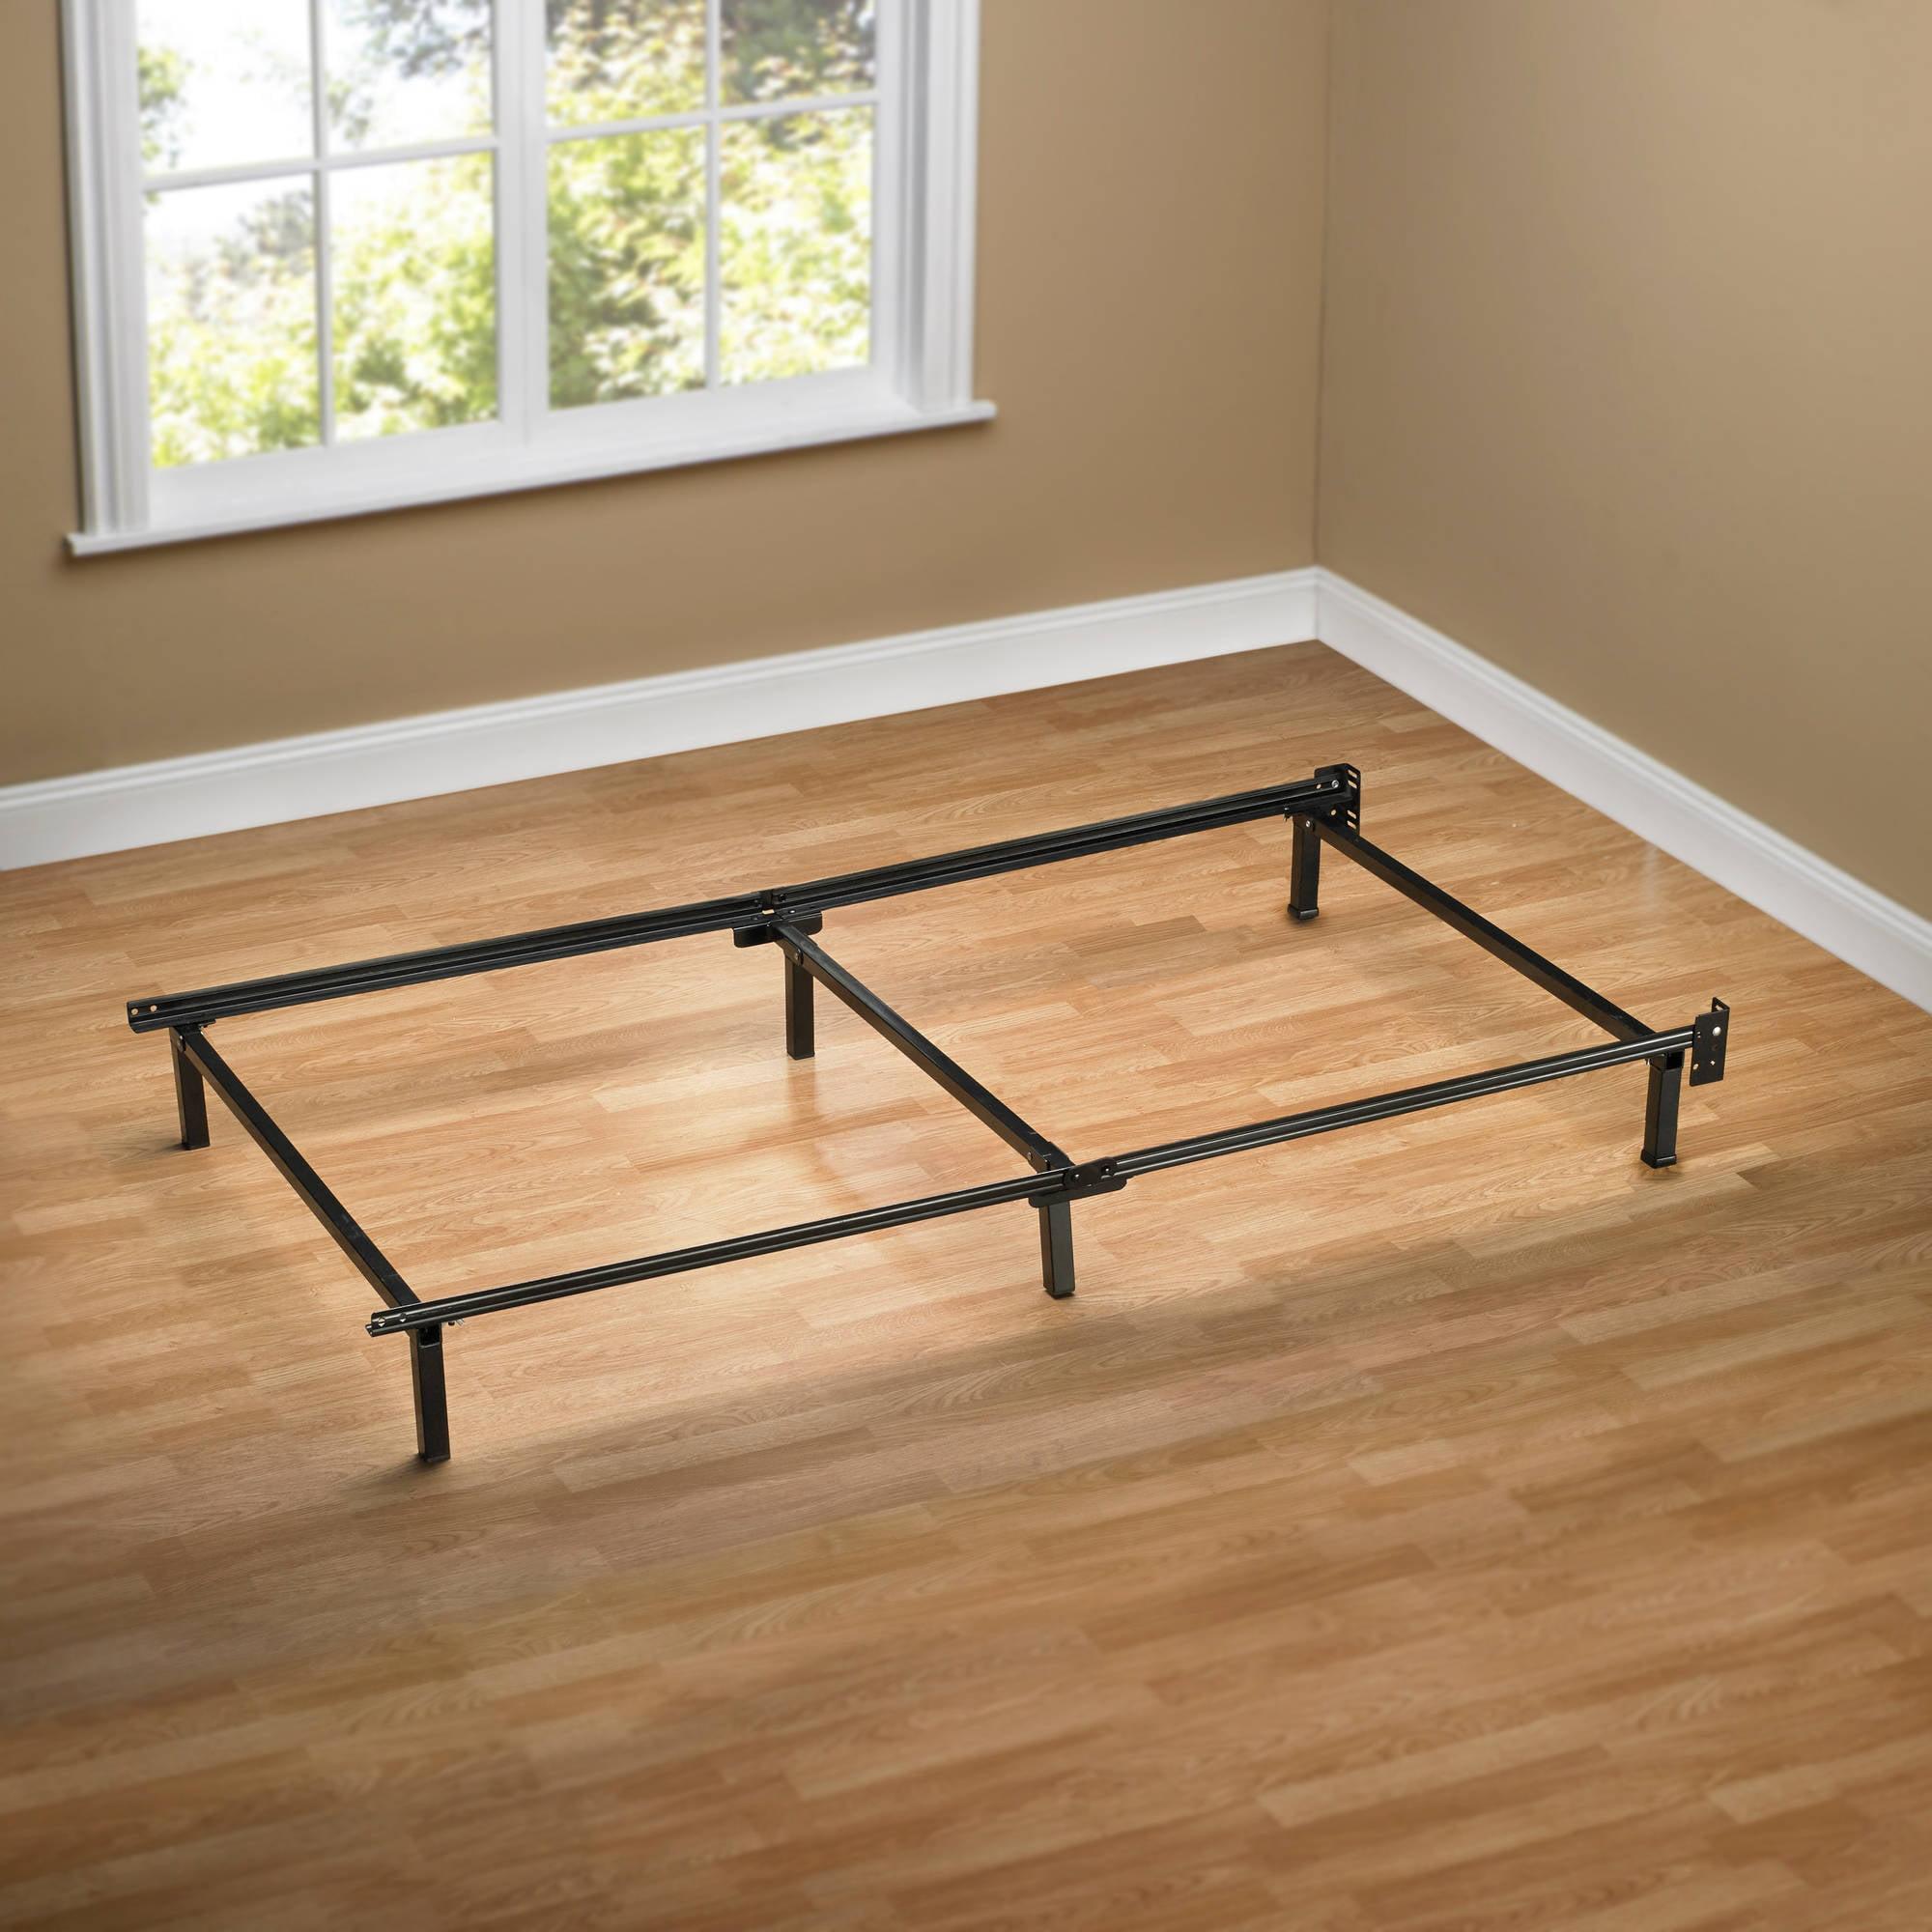 Sleep Revolution Compack Steel Bed Frame